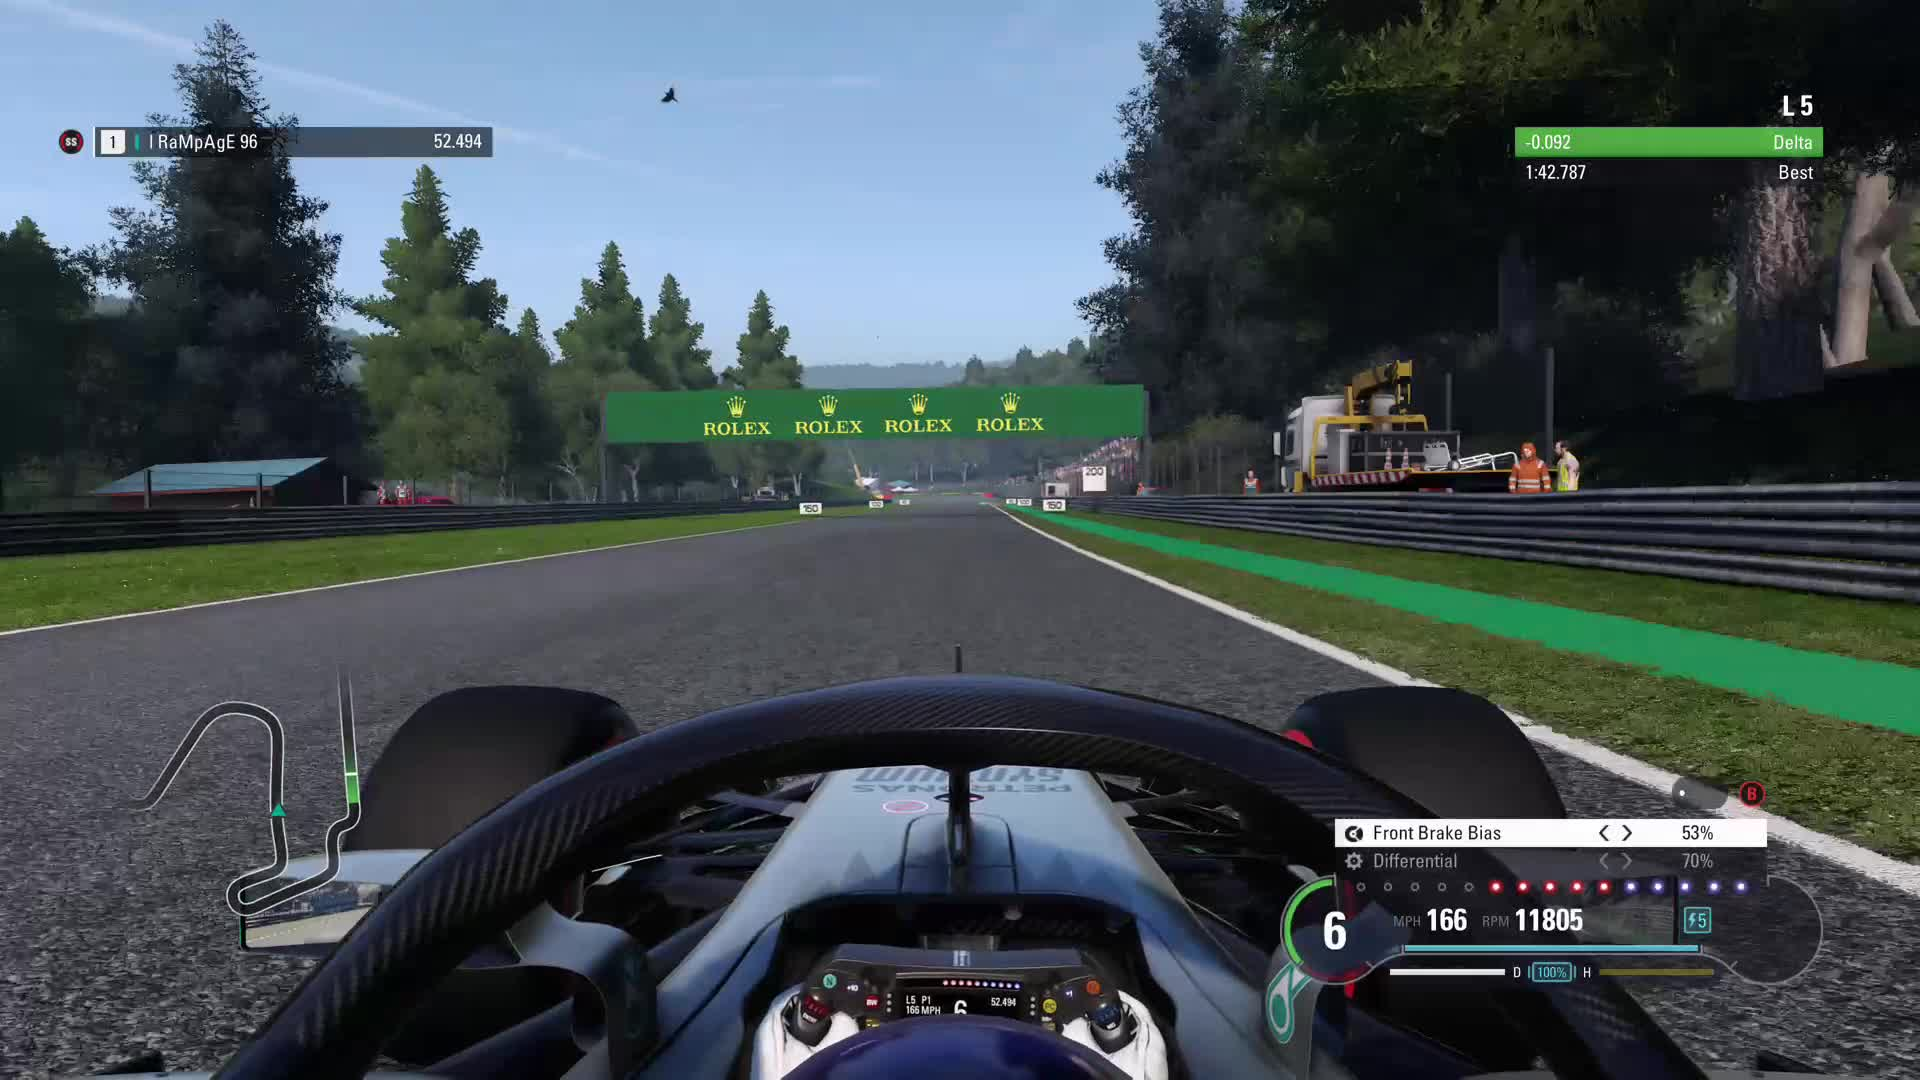 F12018, l RaMpAgE 96, xbox, xbox dvr, xbox one,  GIFs